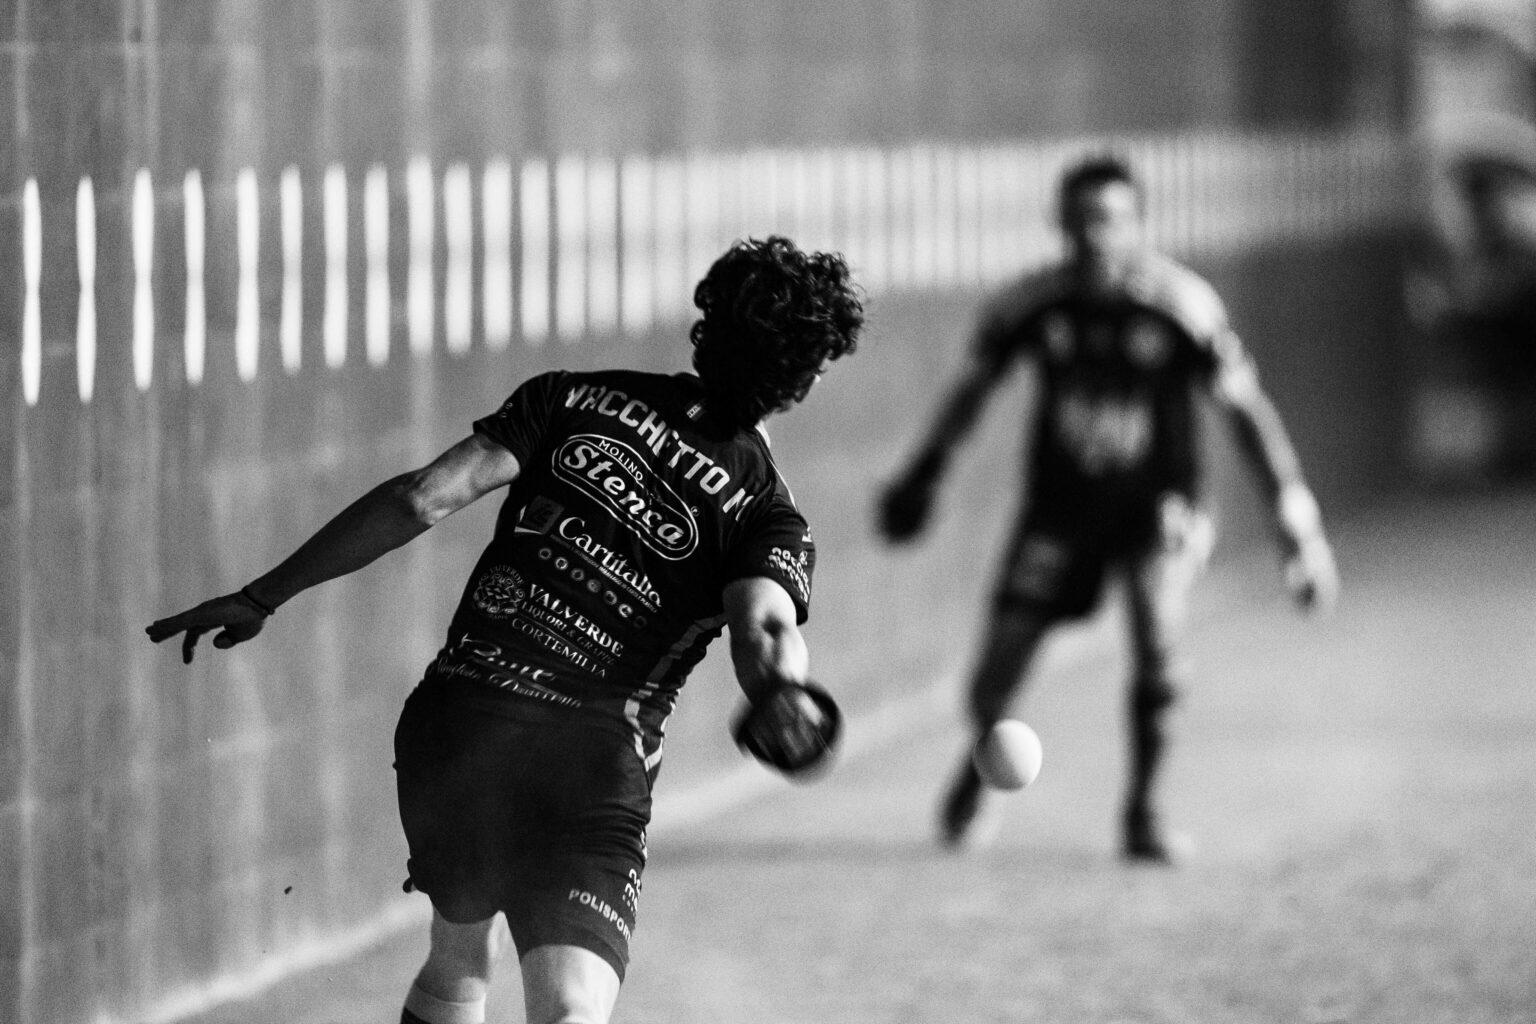 IMAGO / Gabriele Facciotti